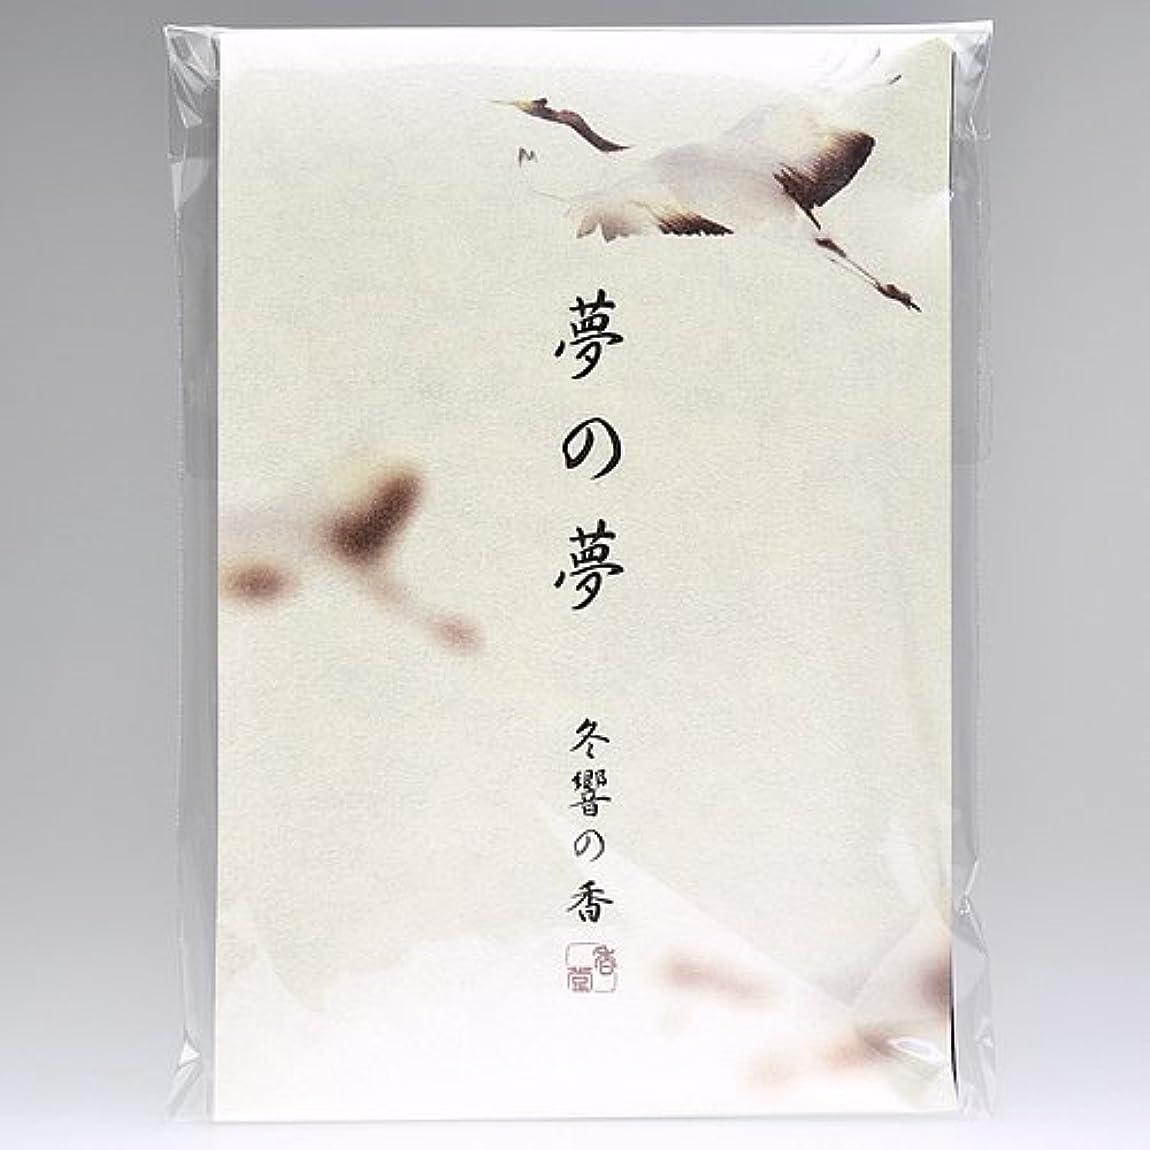 五十お香丘夢の夢 冬響の香 (鶴) スティック12本入